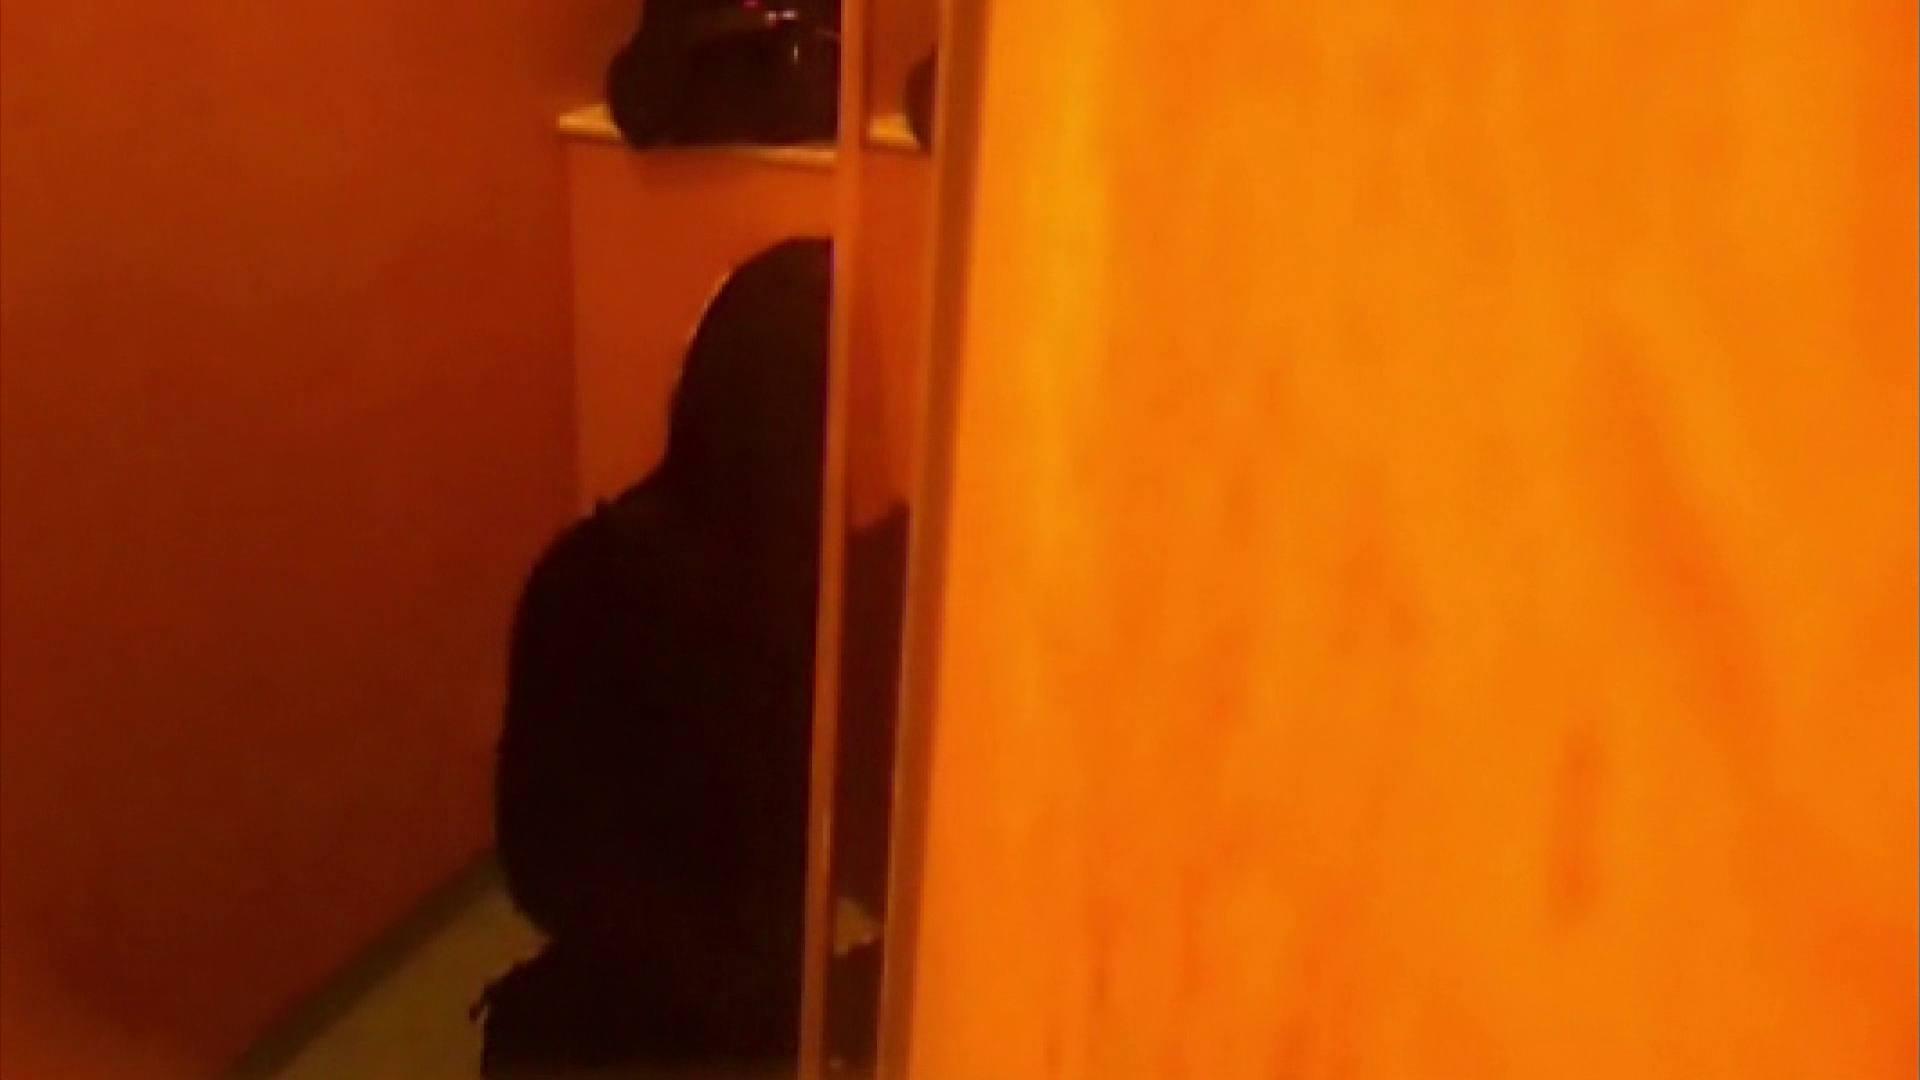 品川からお届け致します!GALS厠覗き! Vol.08 美しいOLの裸体   厠隠し撮り  89pic 6